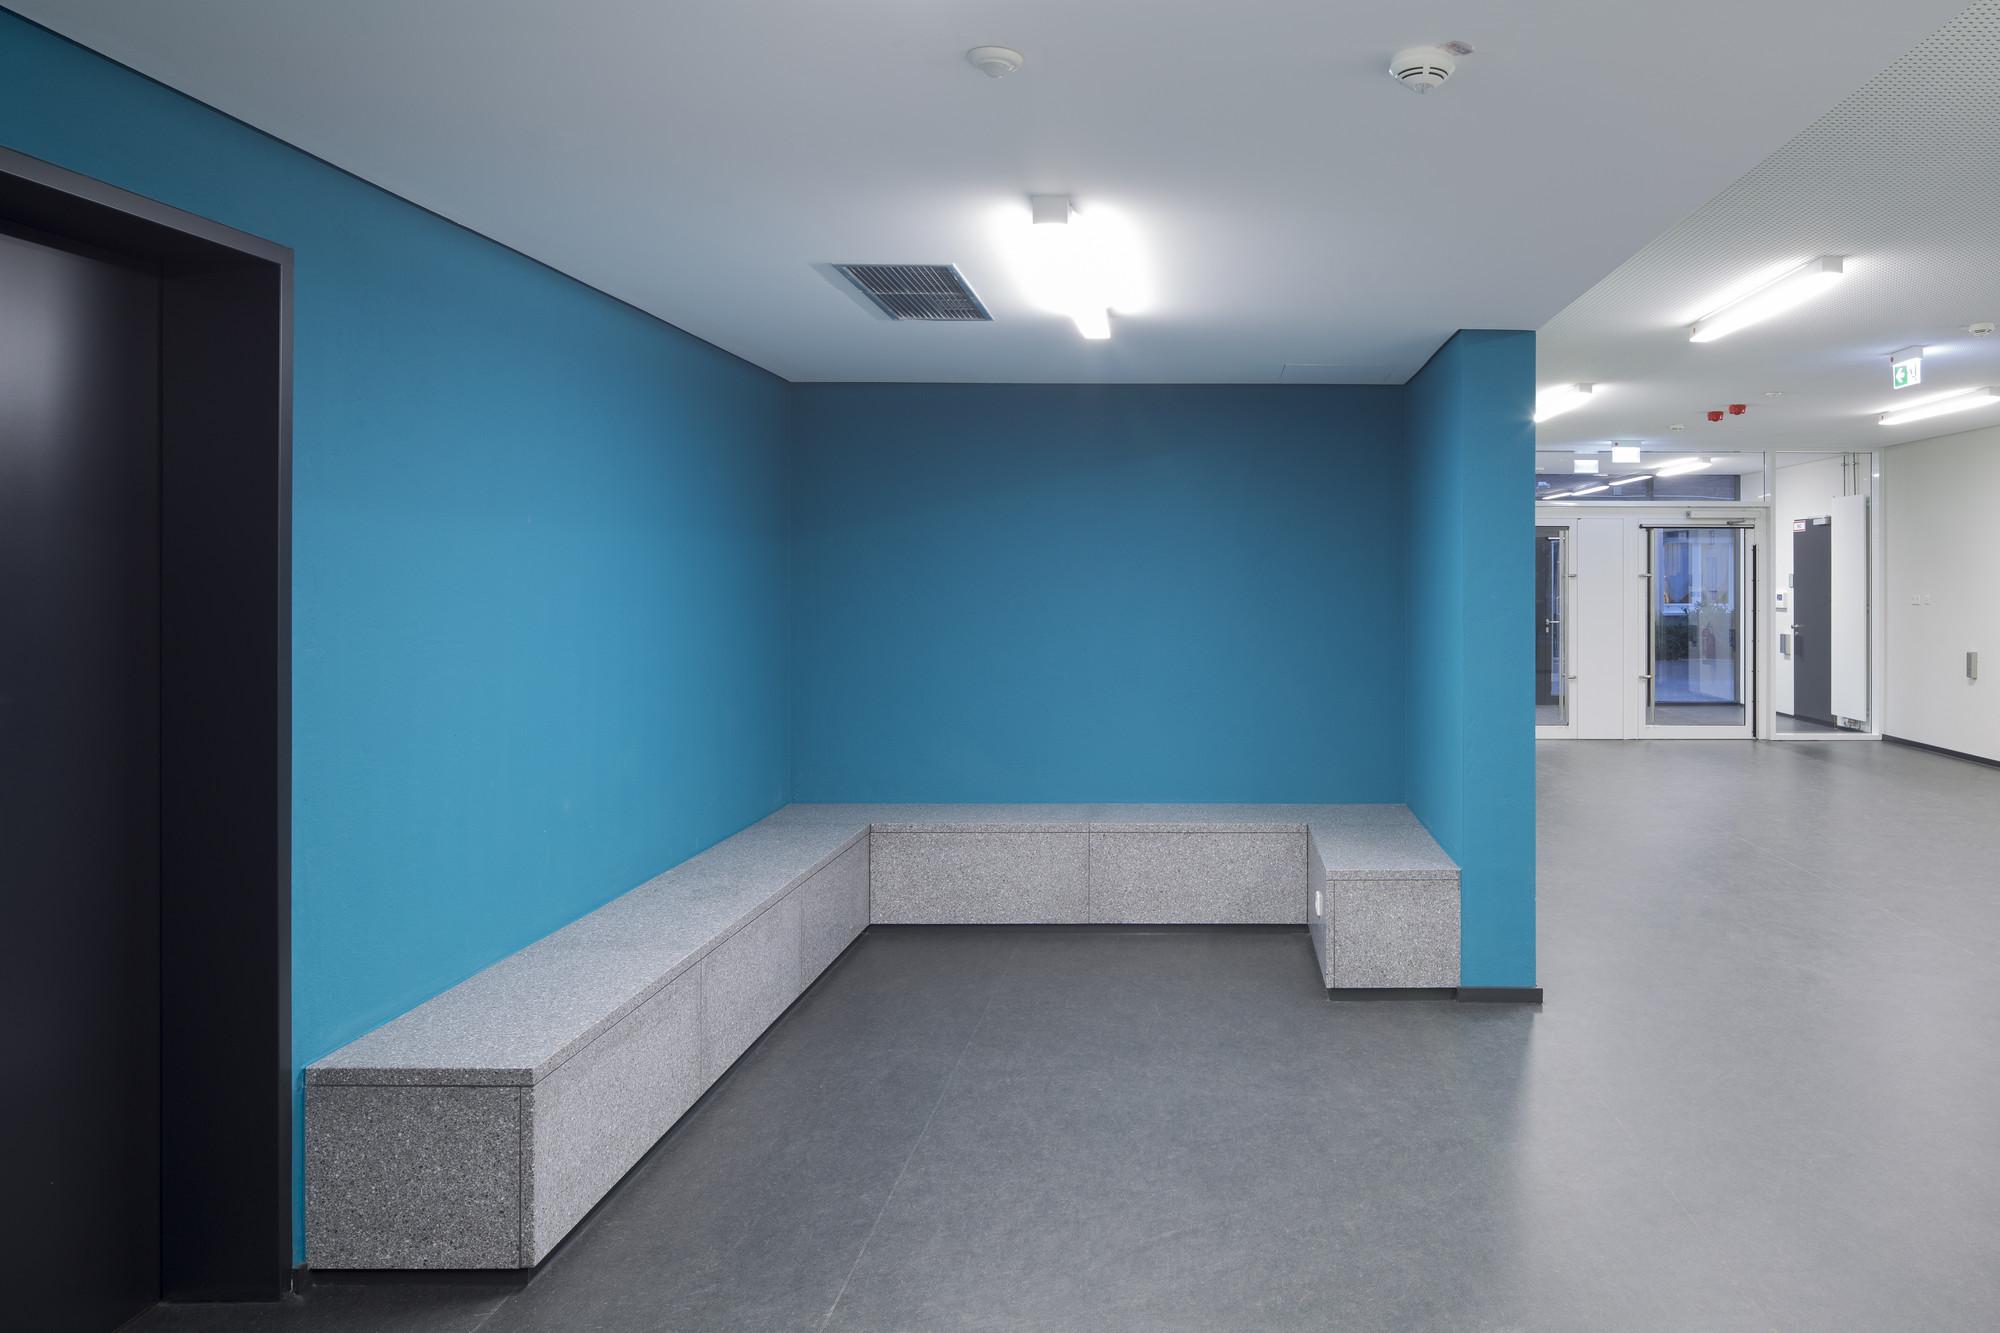 gallery of chemiepraktikum aachen ksg architekten 3. Black Bedroom Furniture Sets. Home Design Ideas